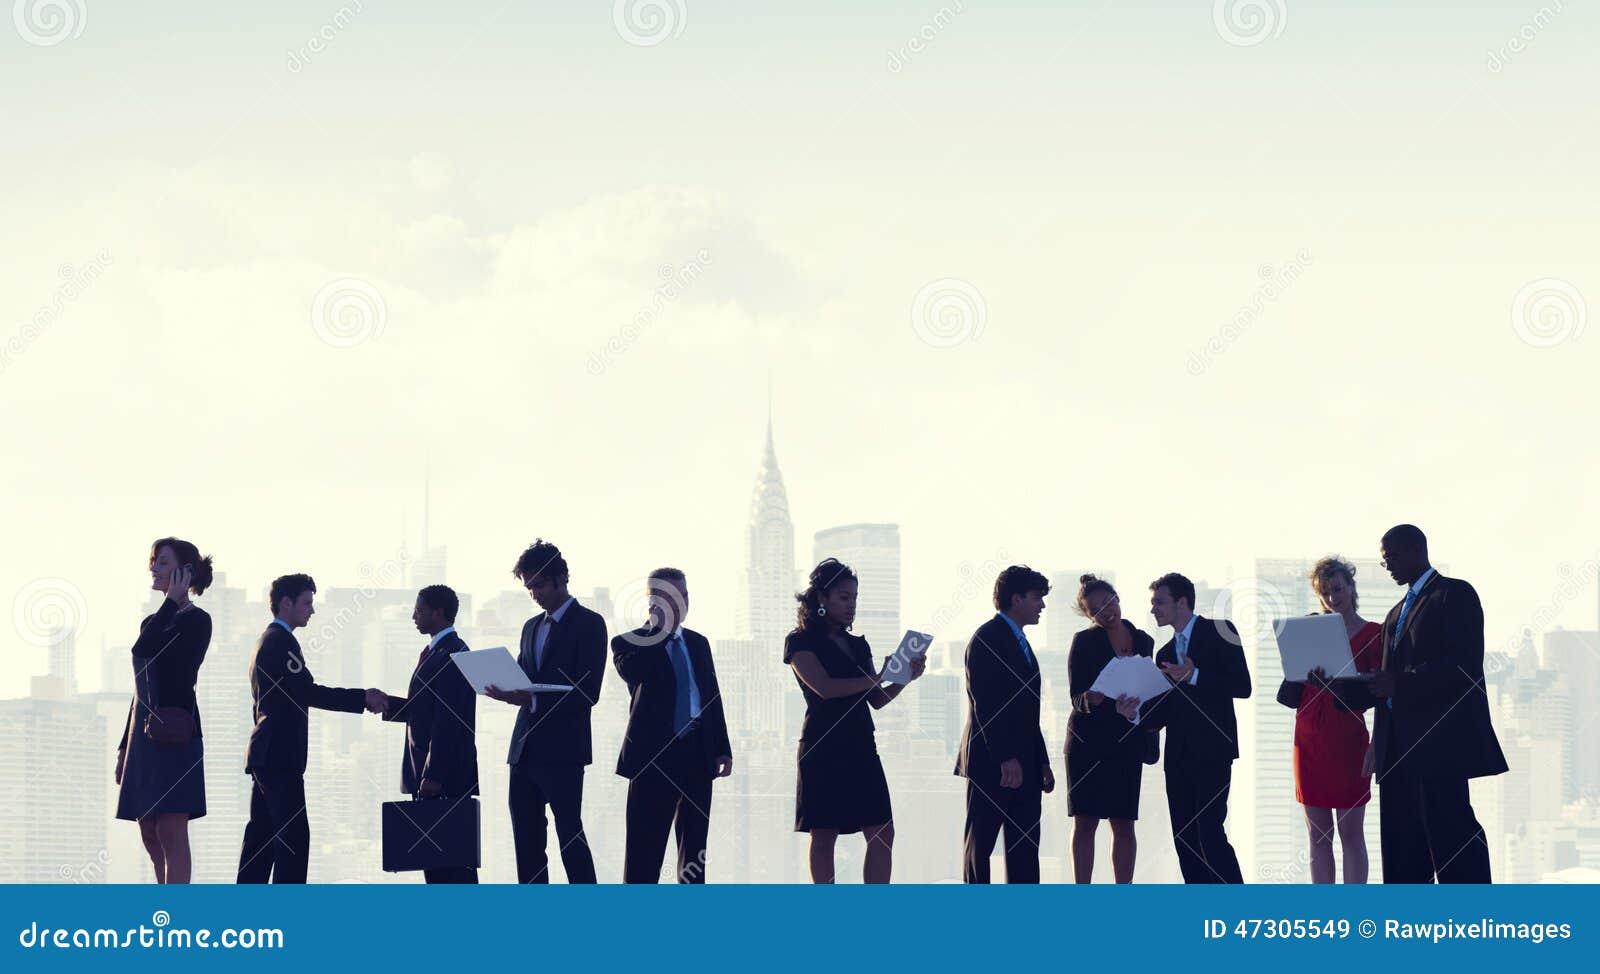 Gens d affaires de collaboration Team Teamwork Professional Concept